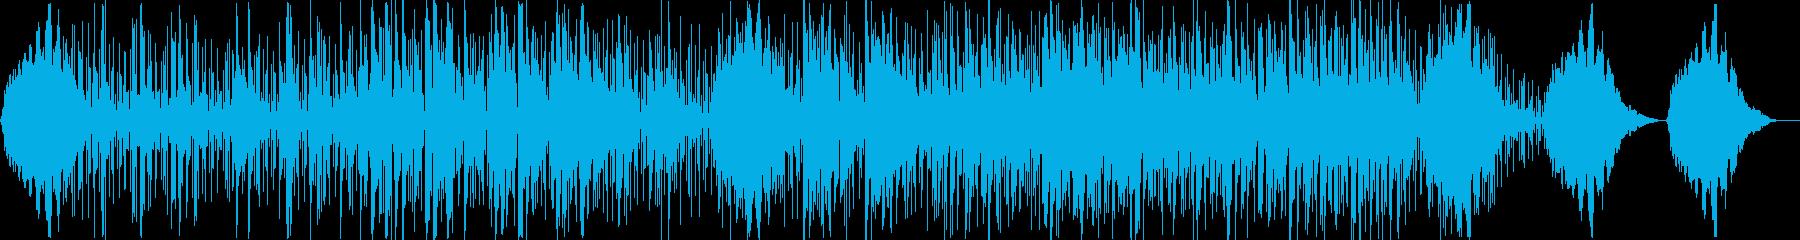 ピアノフォルテの雰囲気。逆音、スピ...の再生済みの波形